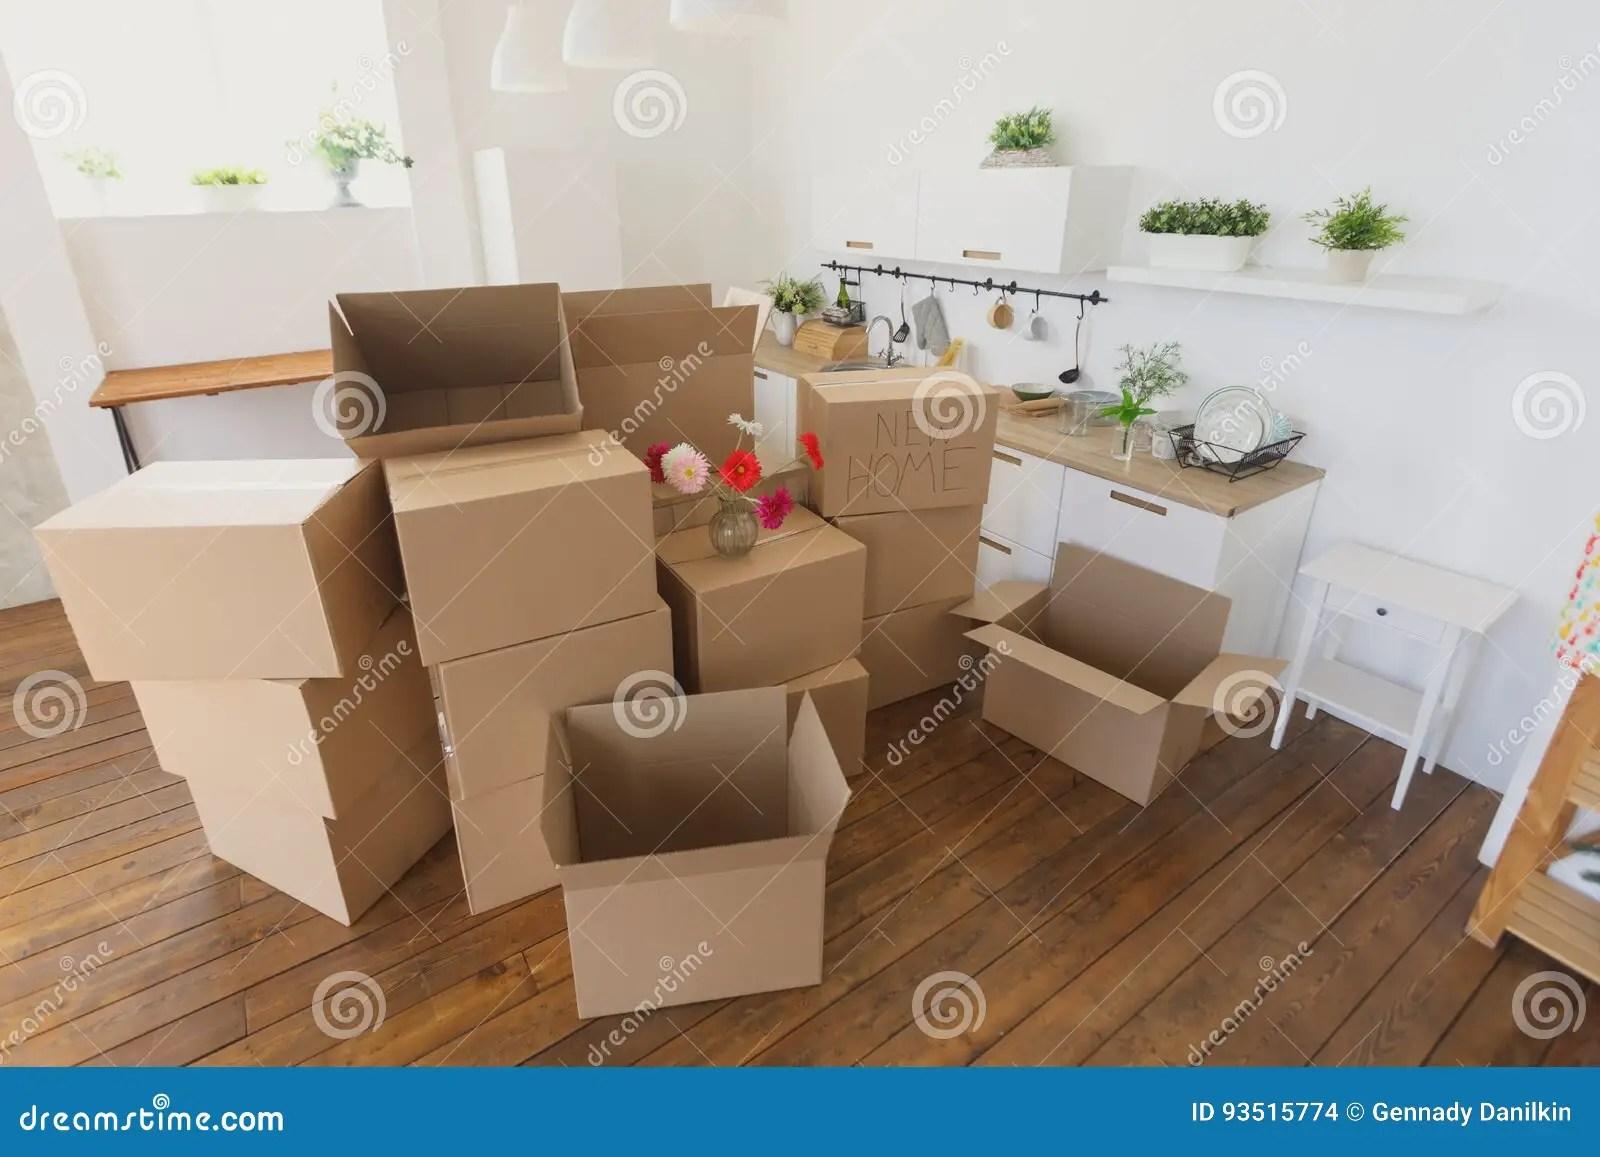 mobile home kitchens macy's kitchen appliances 打开在新的家庭和投入的事的箱子在厨房里 大纸板箱在新的家移动向一个新 大